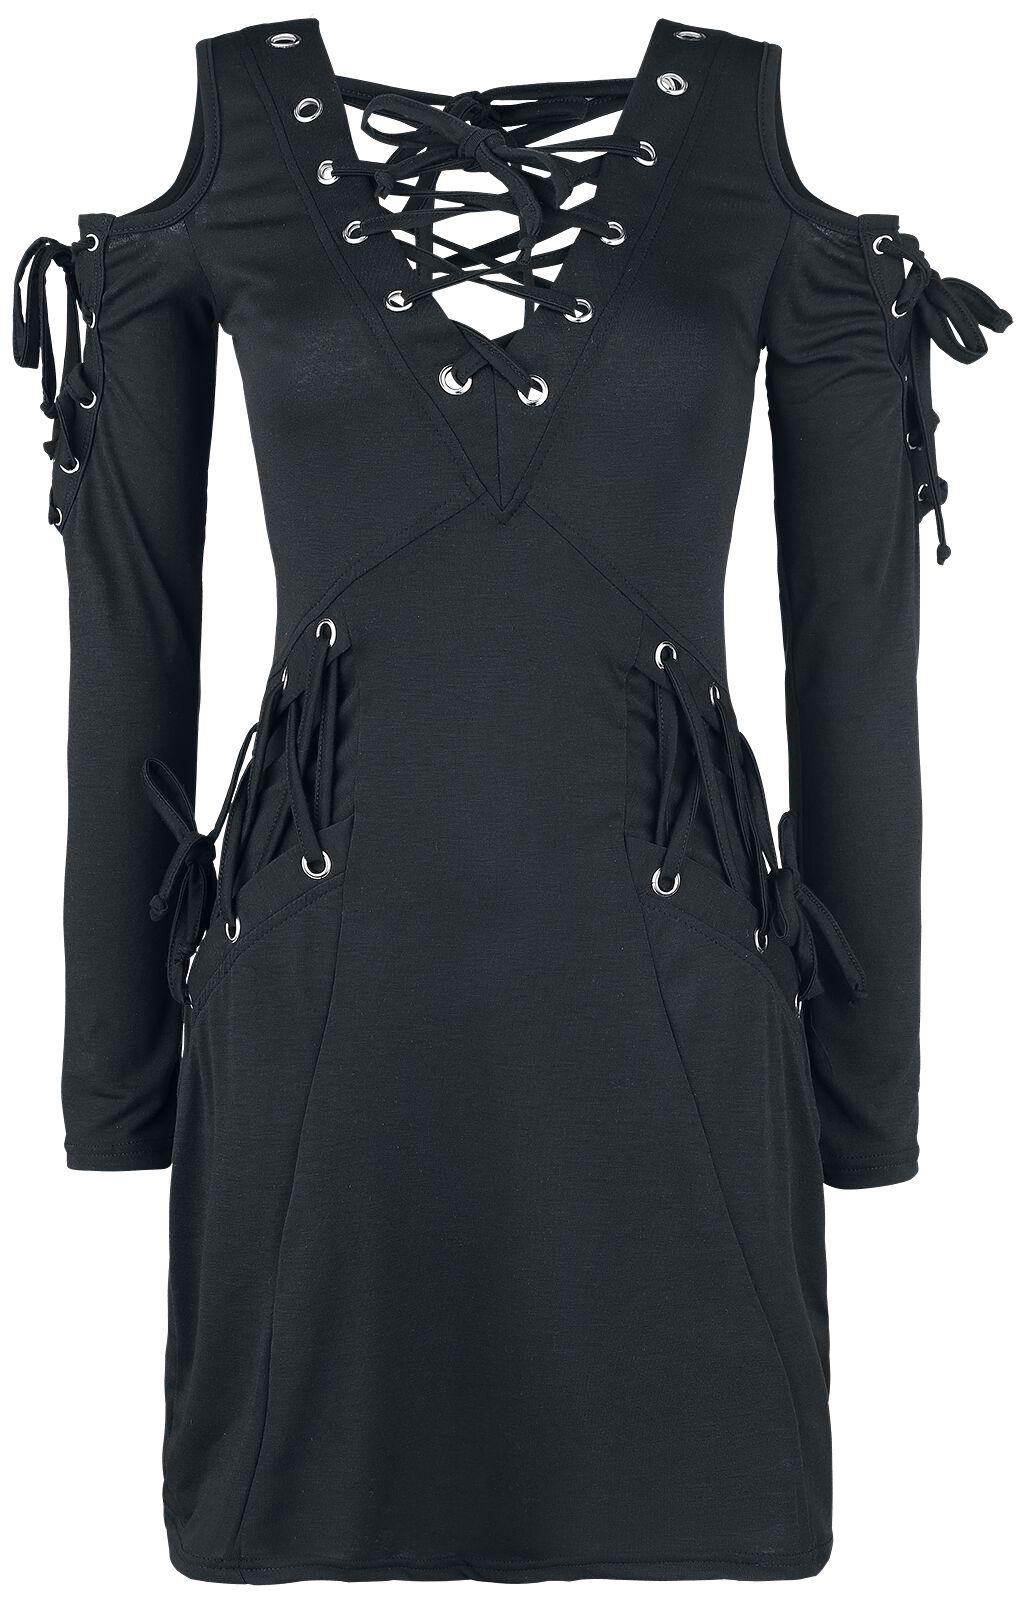 Innocent Crave Top Short dress black - Buy Now!